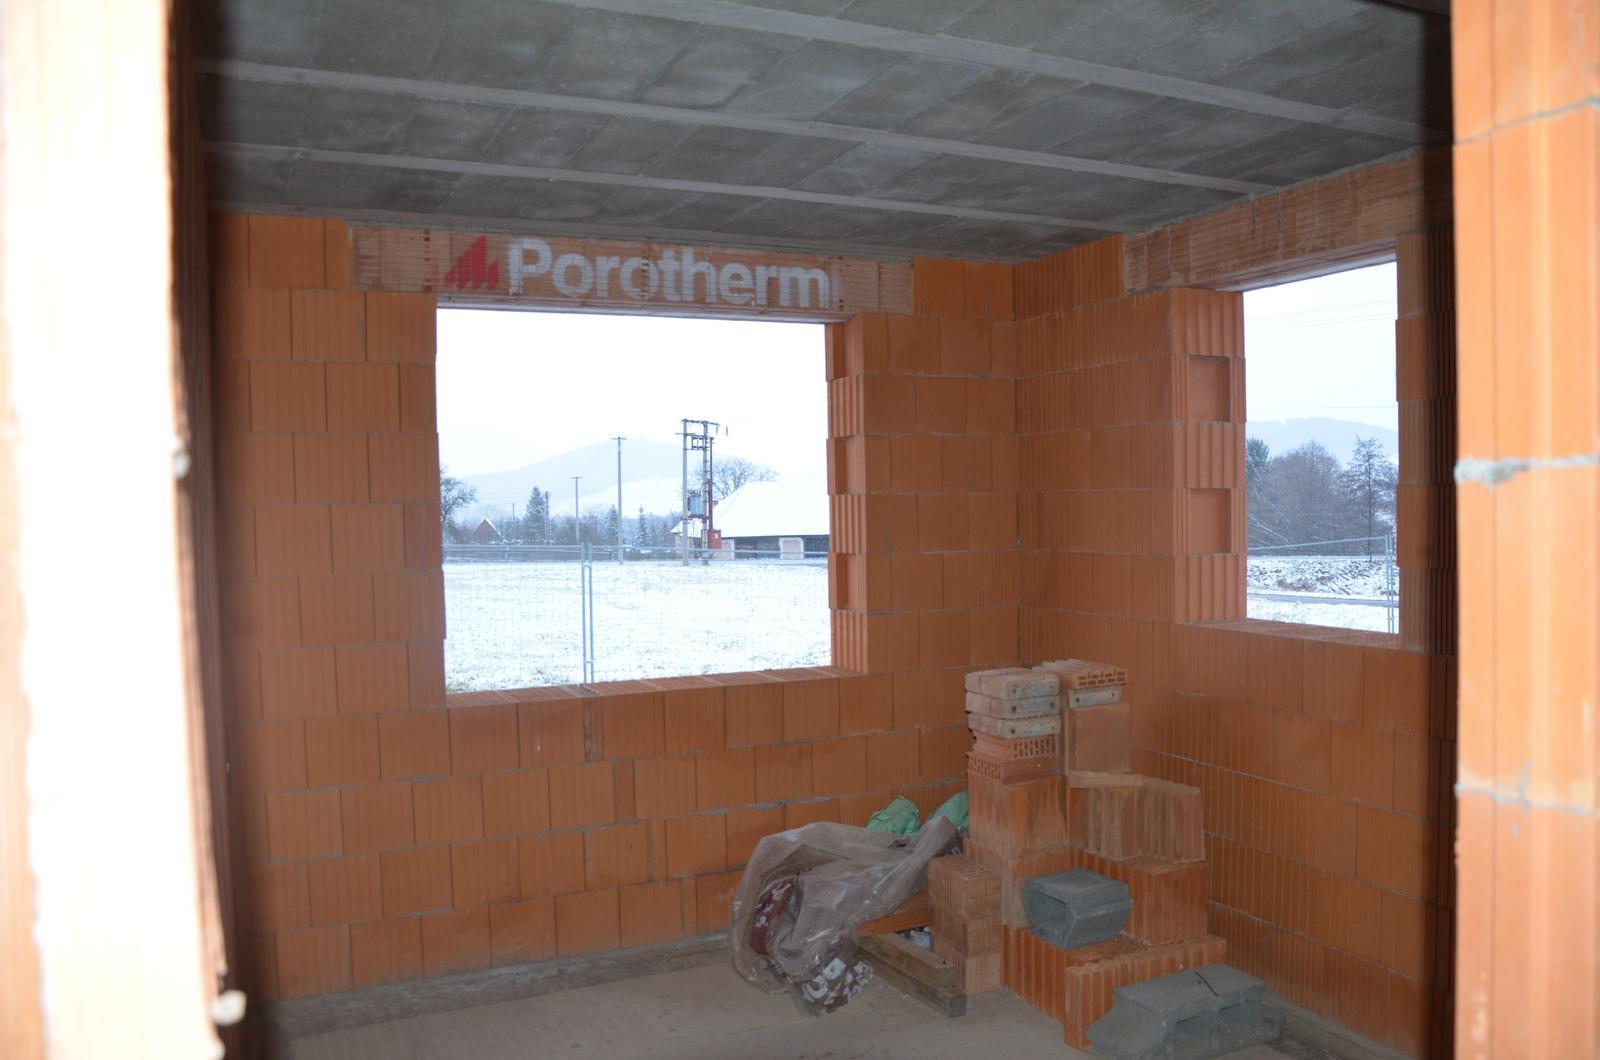 Náš budúci domov - Detská izba č. 1 - pravé okno je dorábané a neskôr vyrovnané do jednej úrovne z druhým 25.1.2015